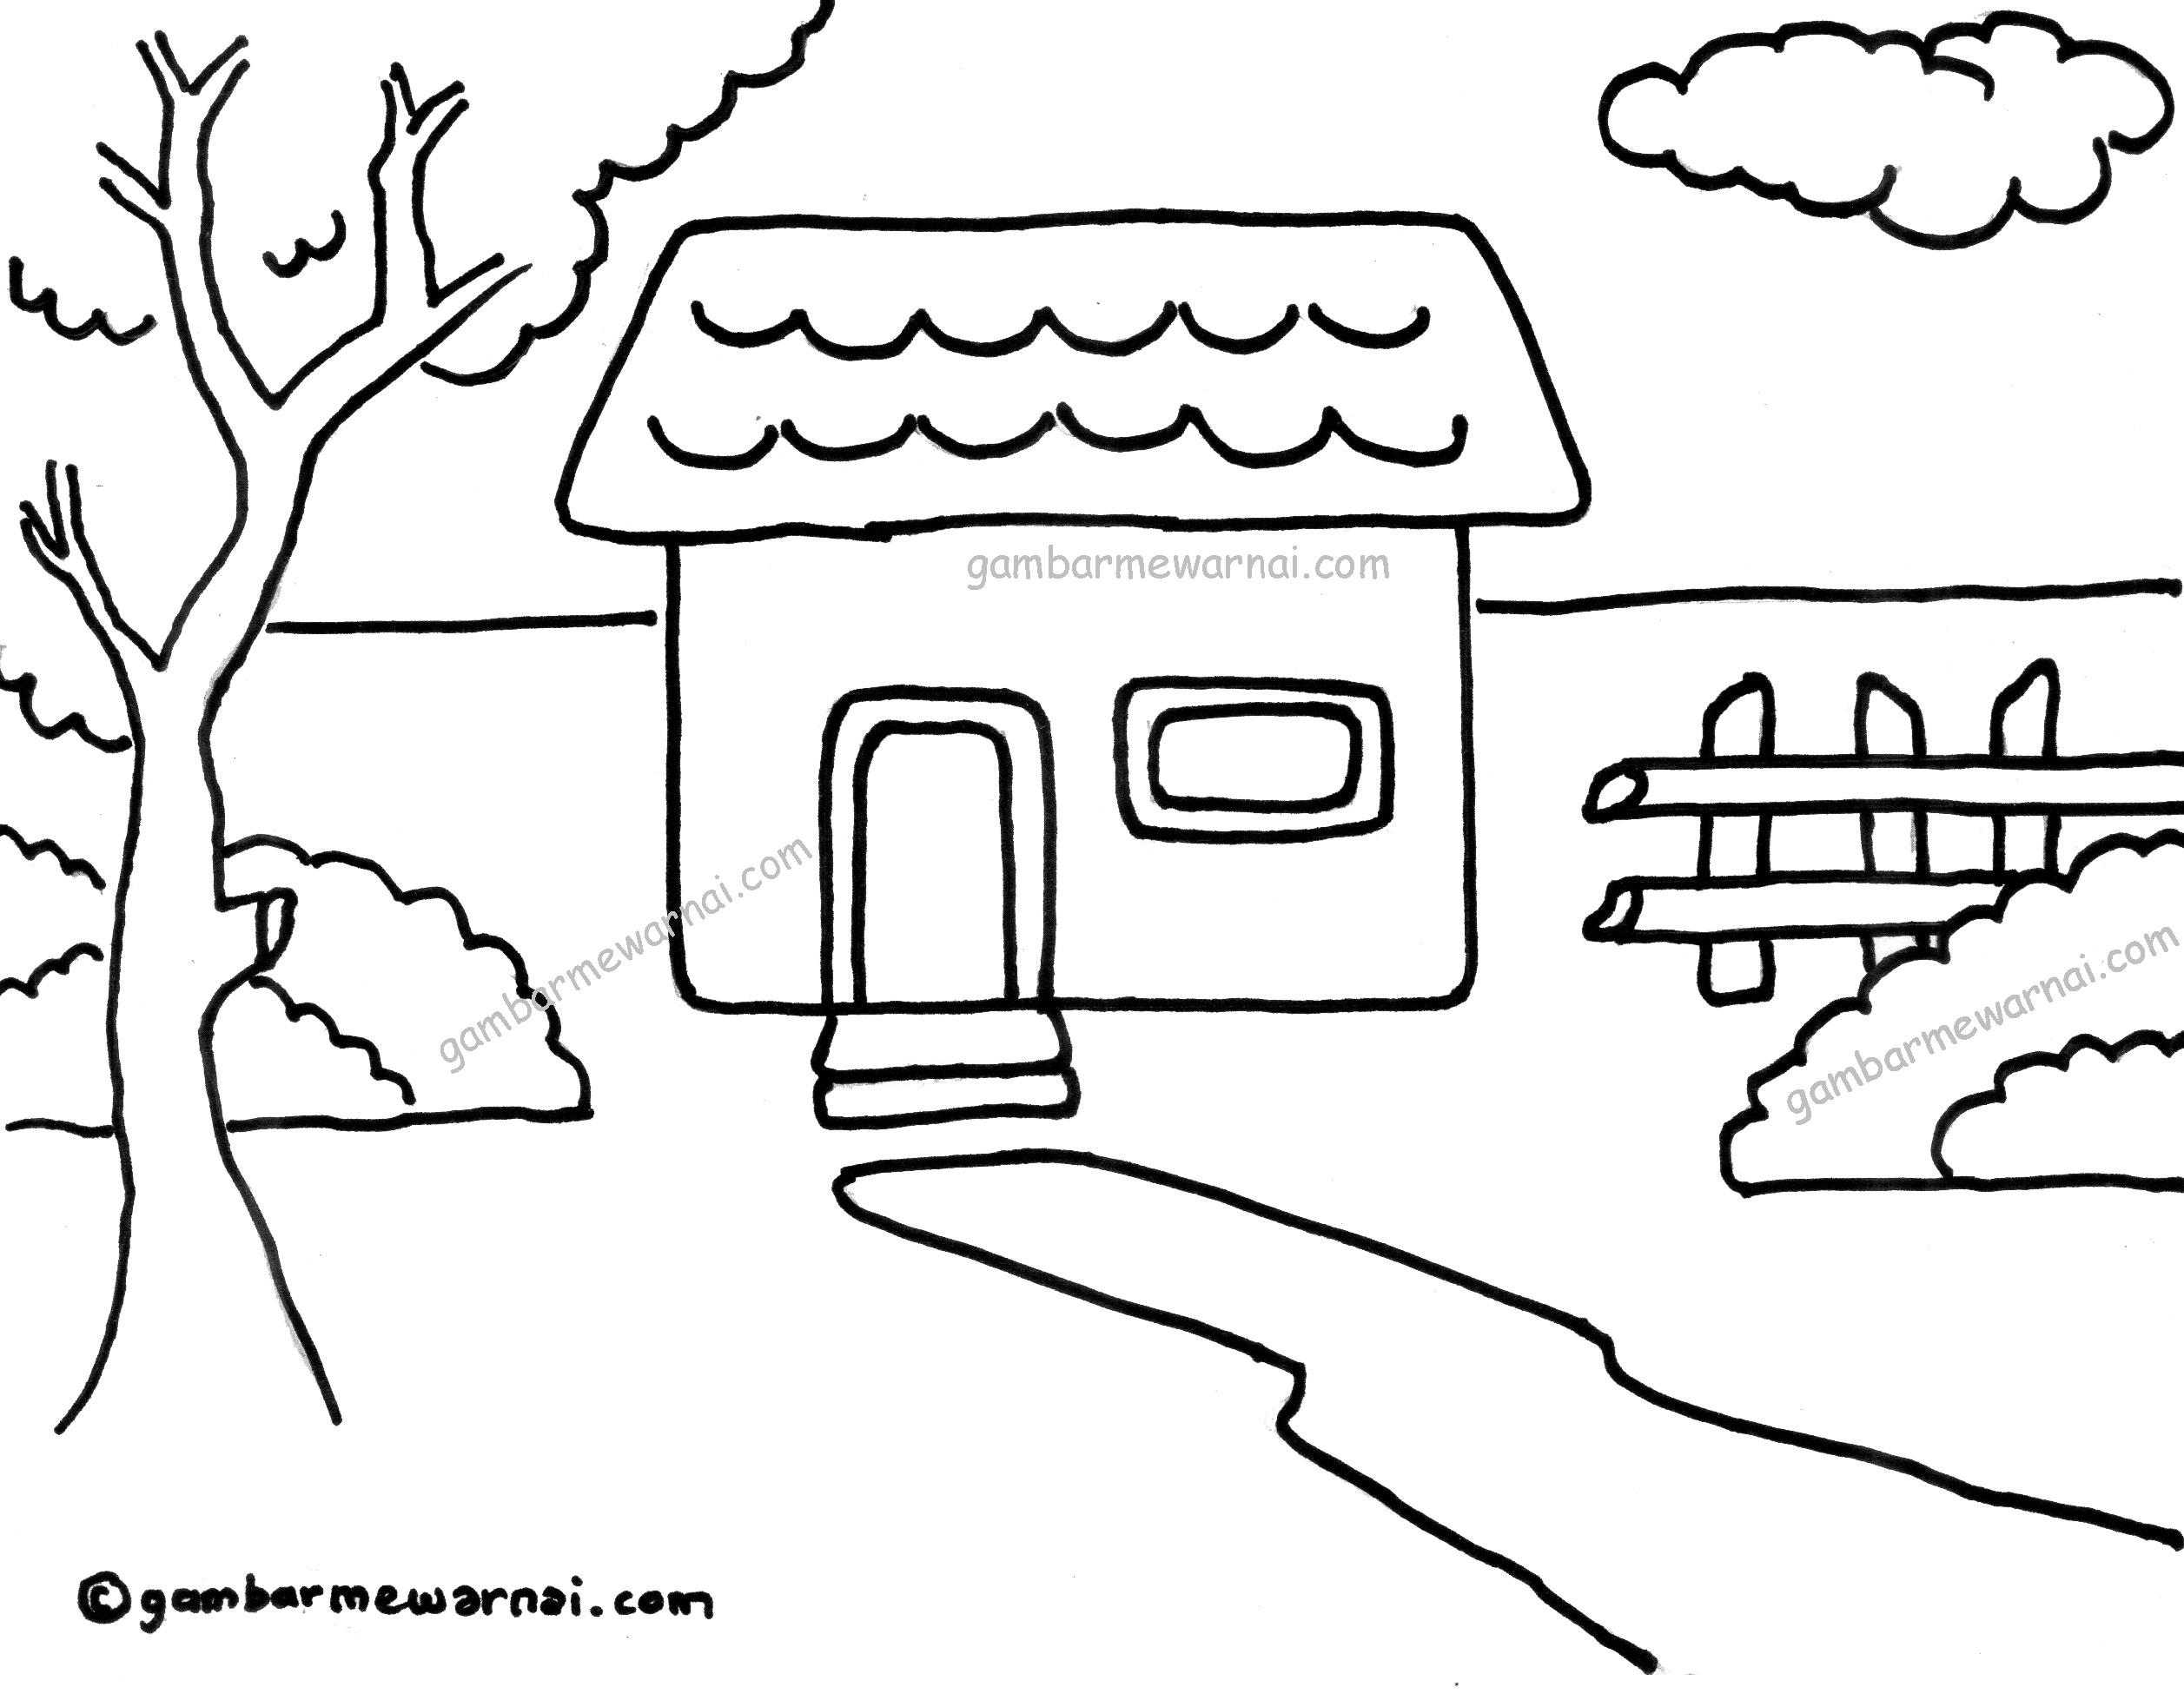 11 gambar mewarnai tema lingkungan rumah